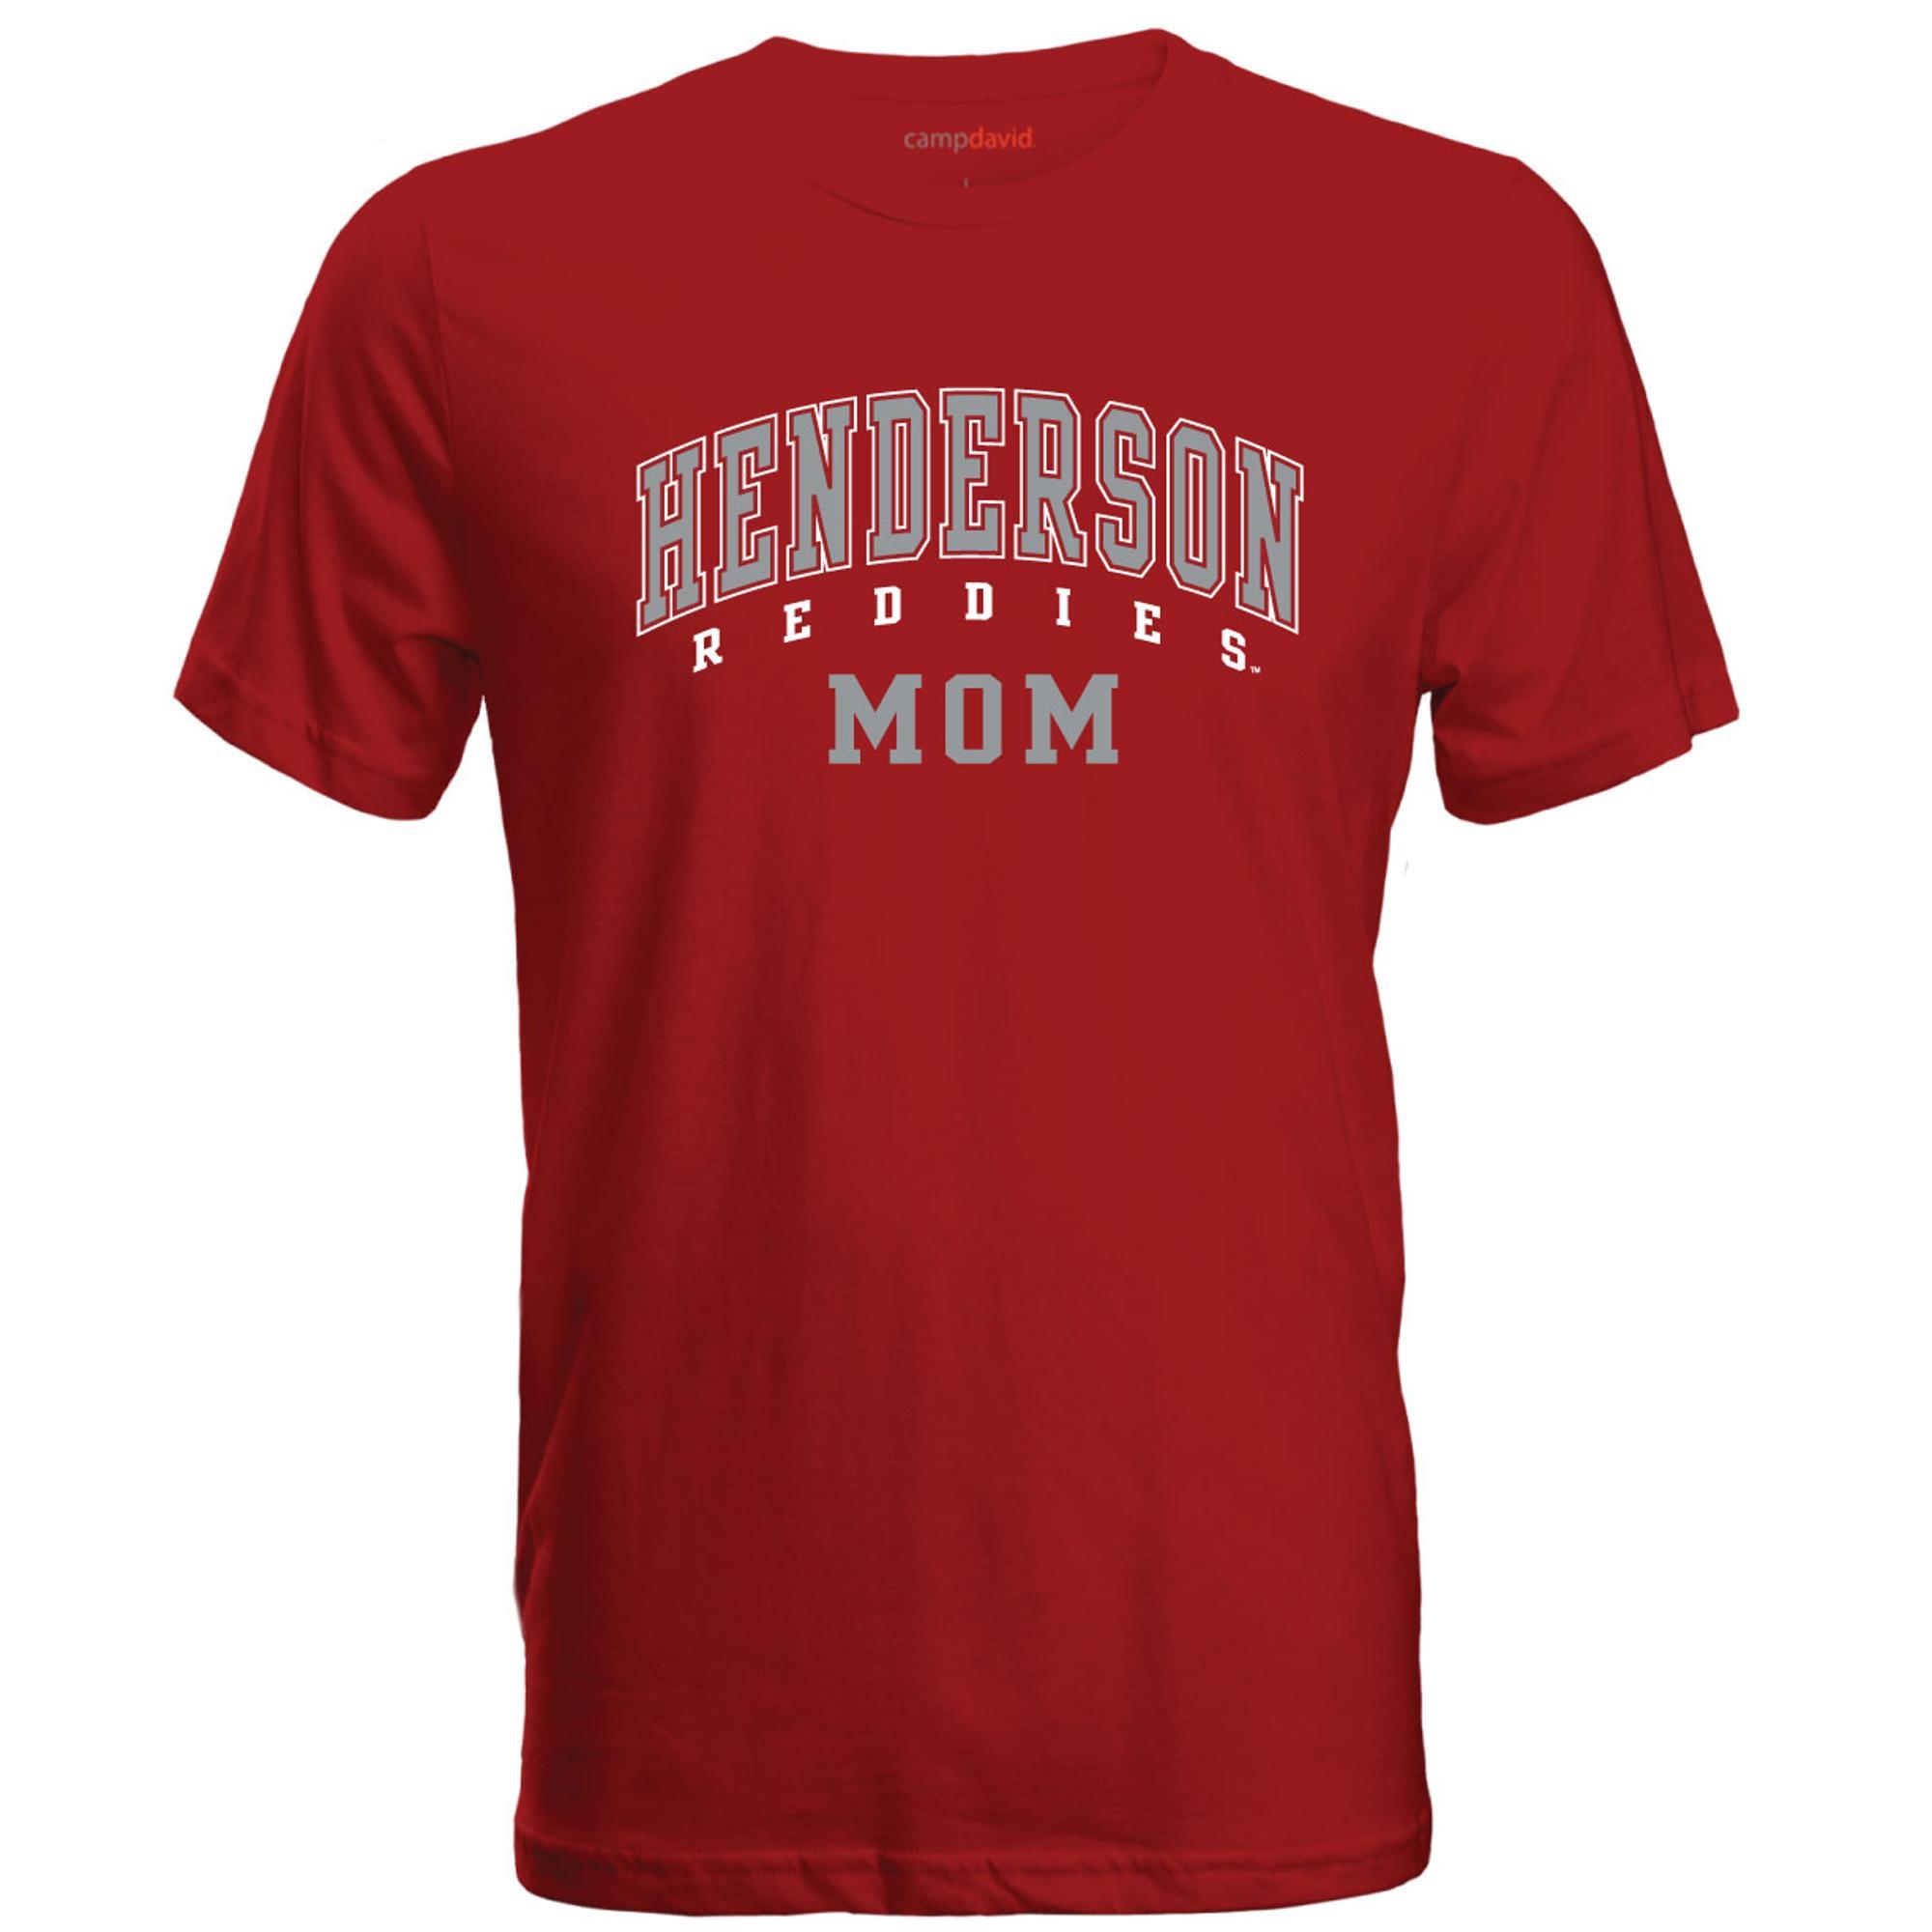 image of: Henderson Reddies Mom Cruiser Tee